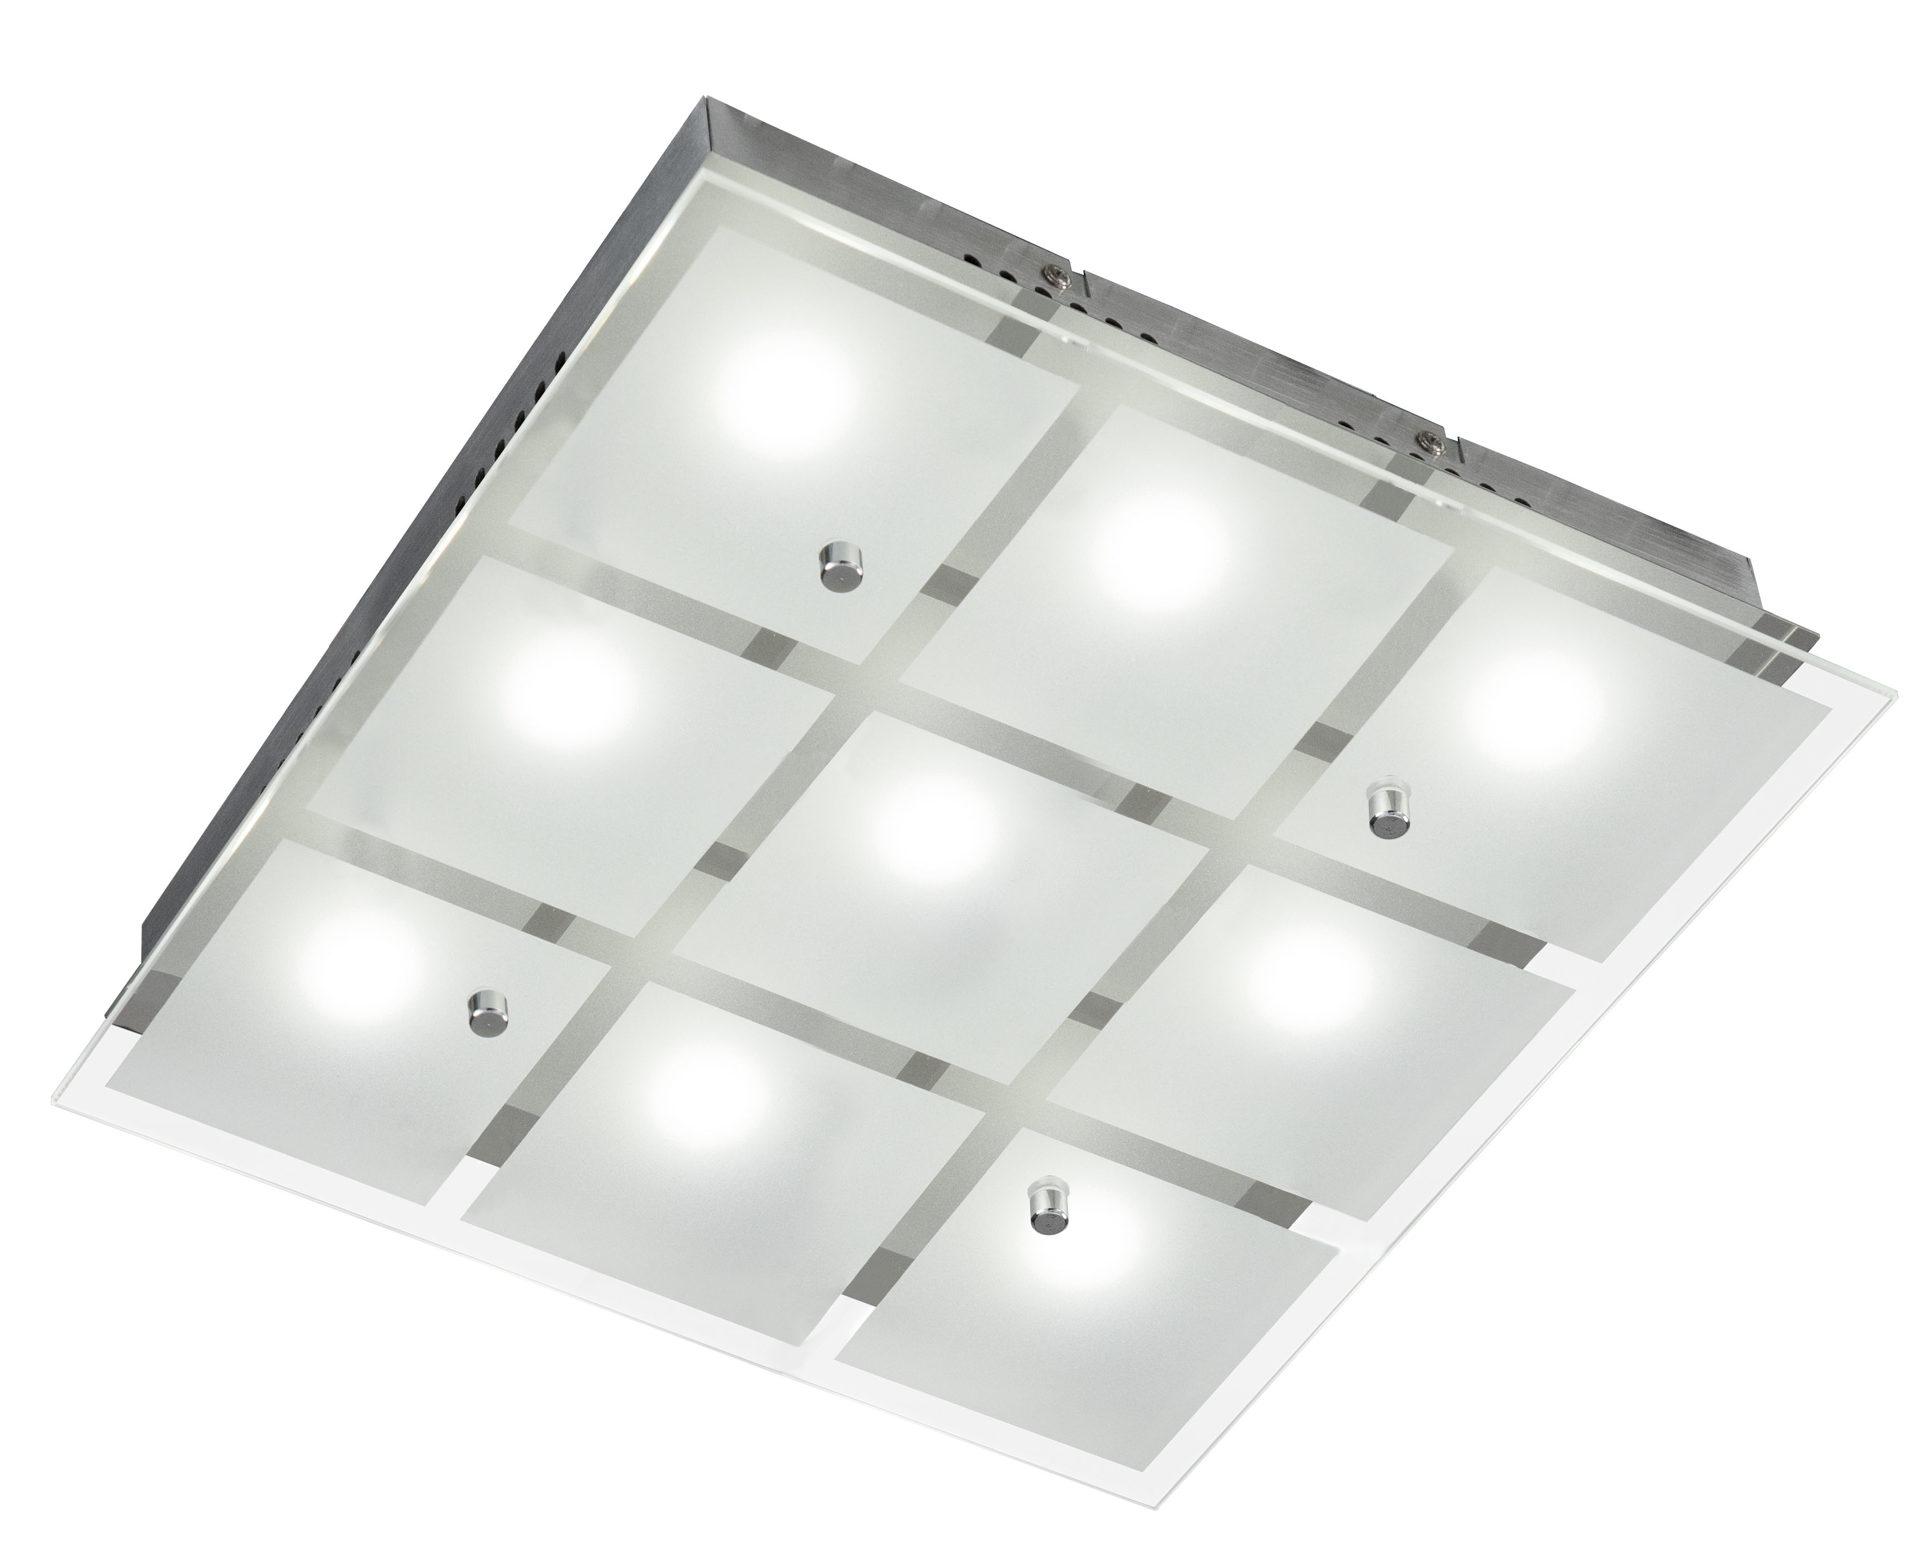 badezimmer deckenleuchten ? design leuchten & lampen online shop ... - Lampen Für Das Badezimmer